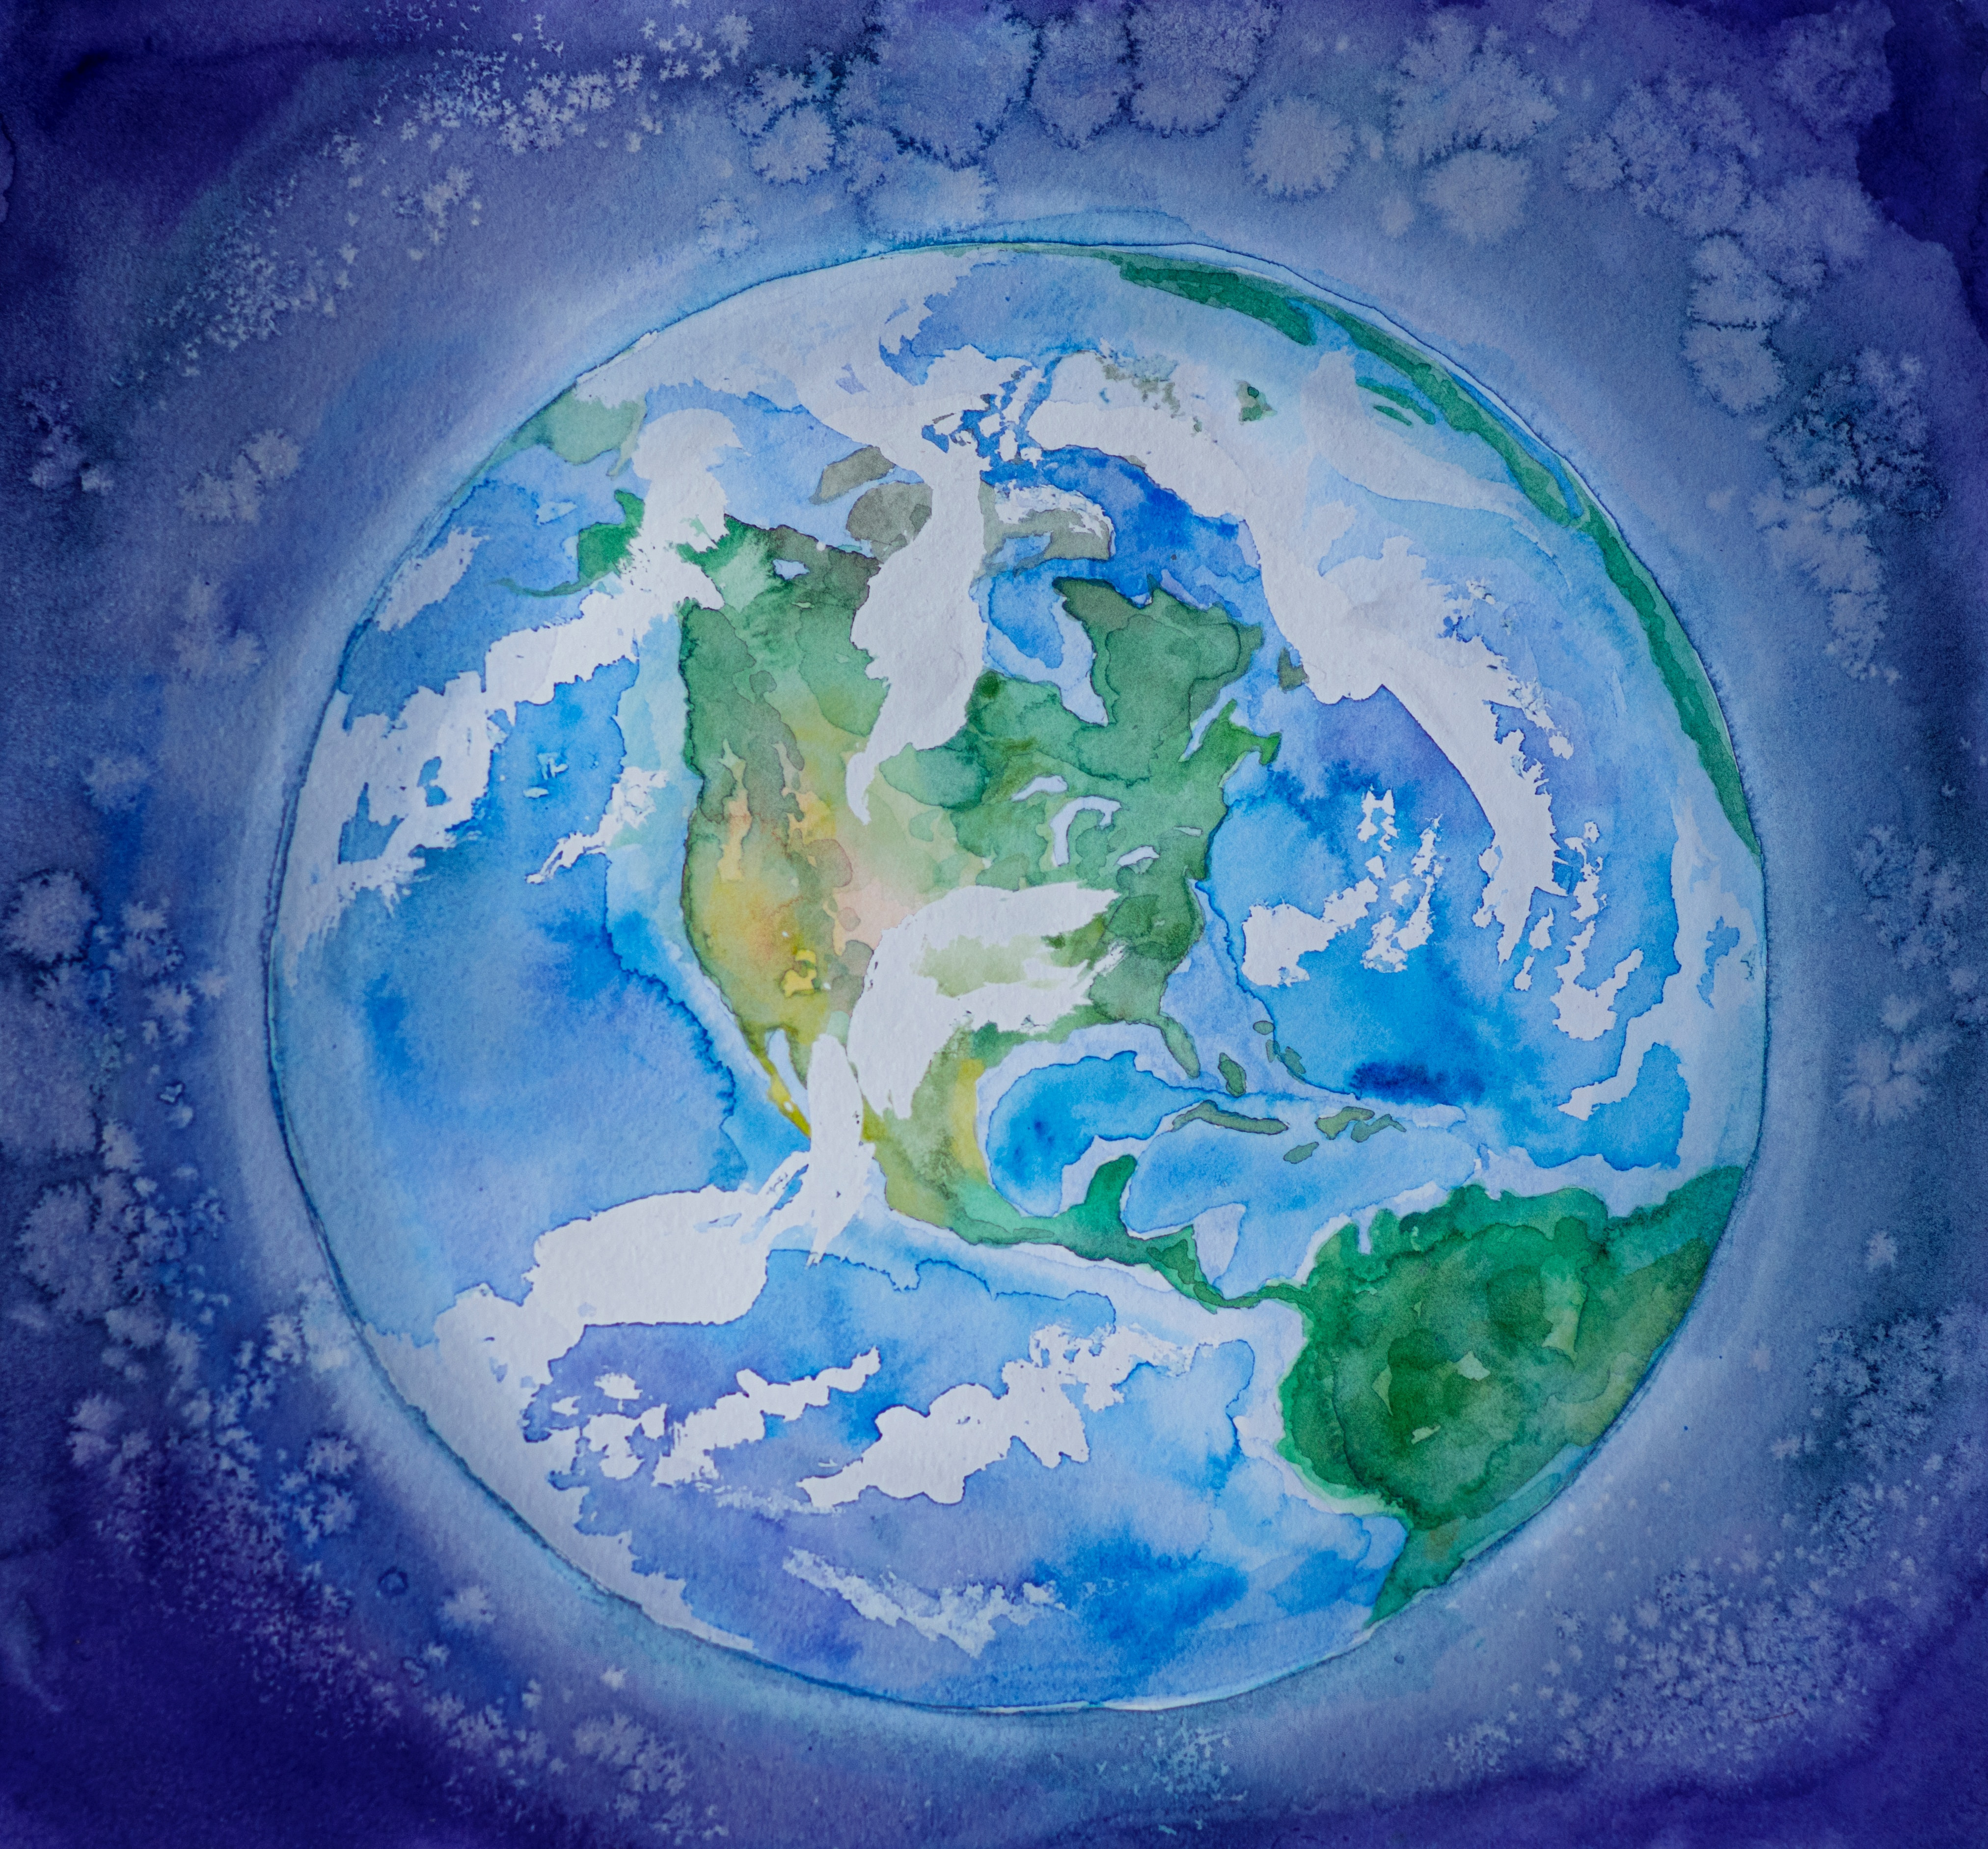 זריחת כדור הארץ